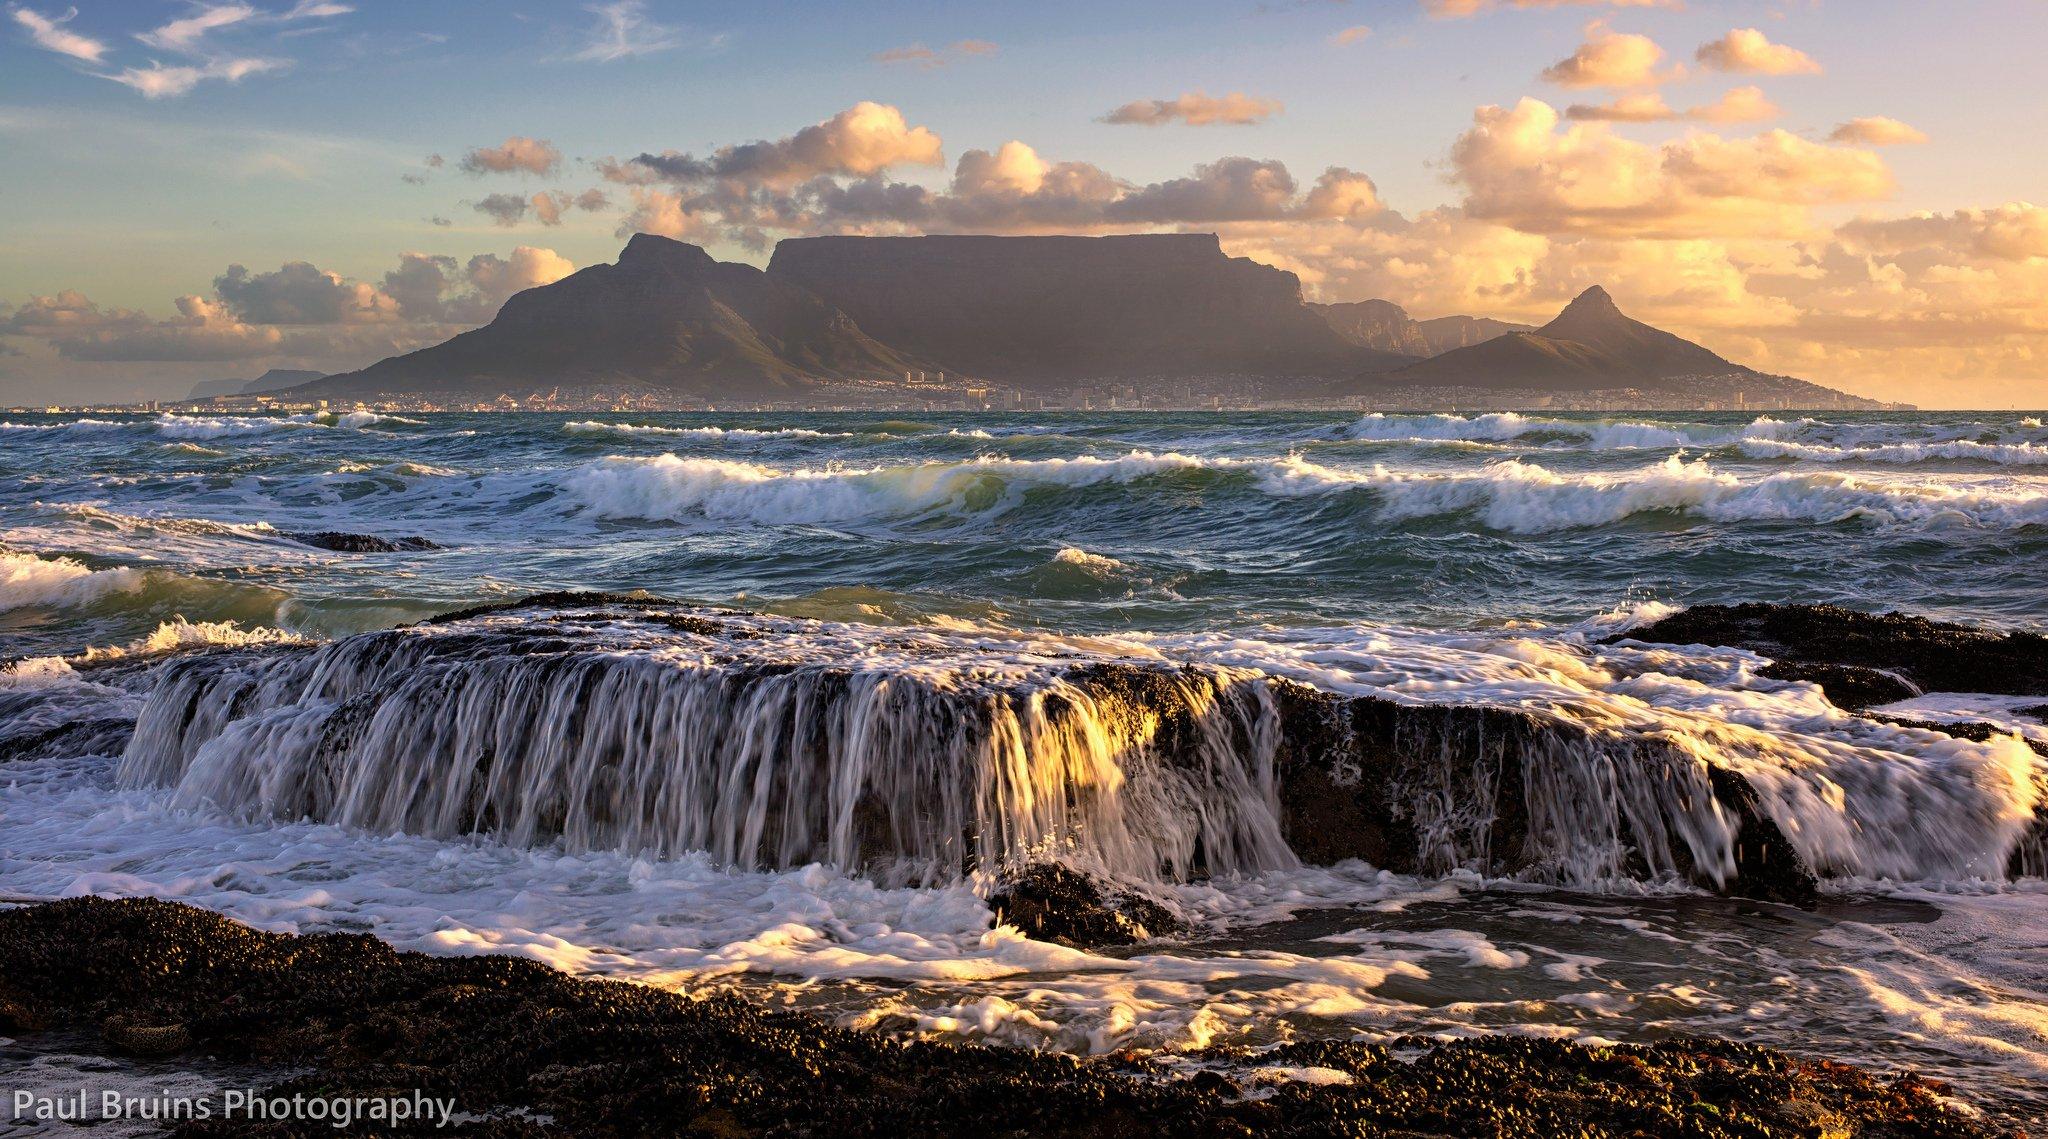 Горы у океана  № 1670883 бесплатно